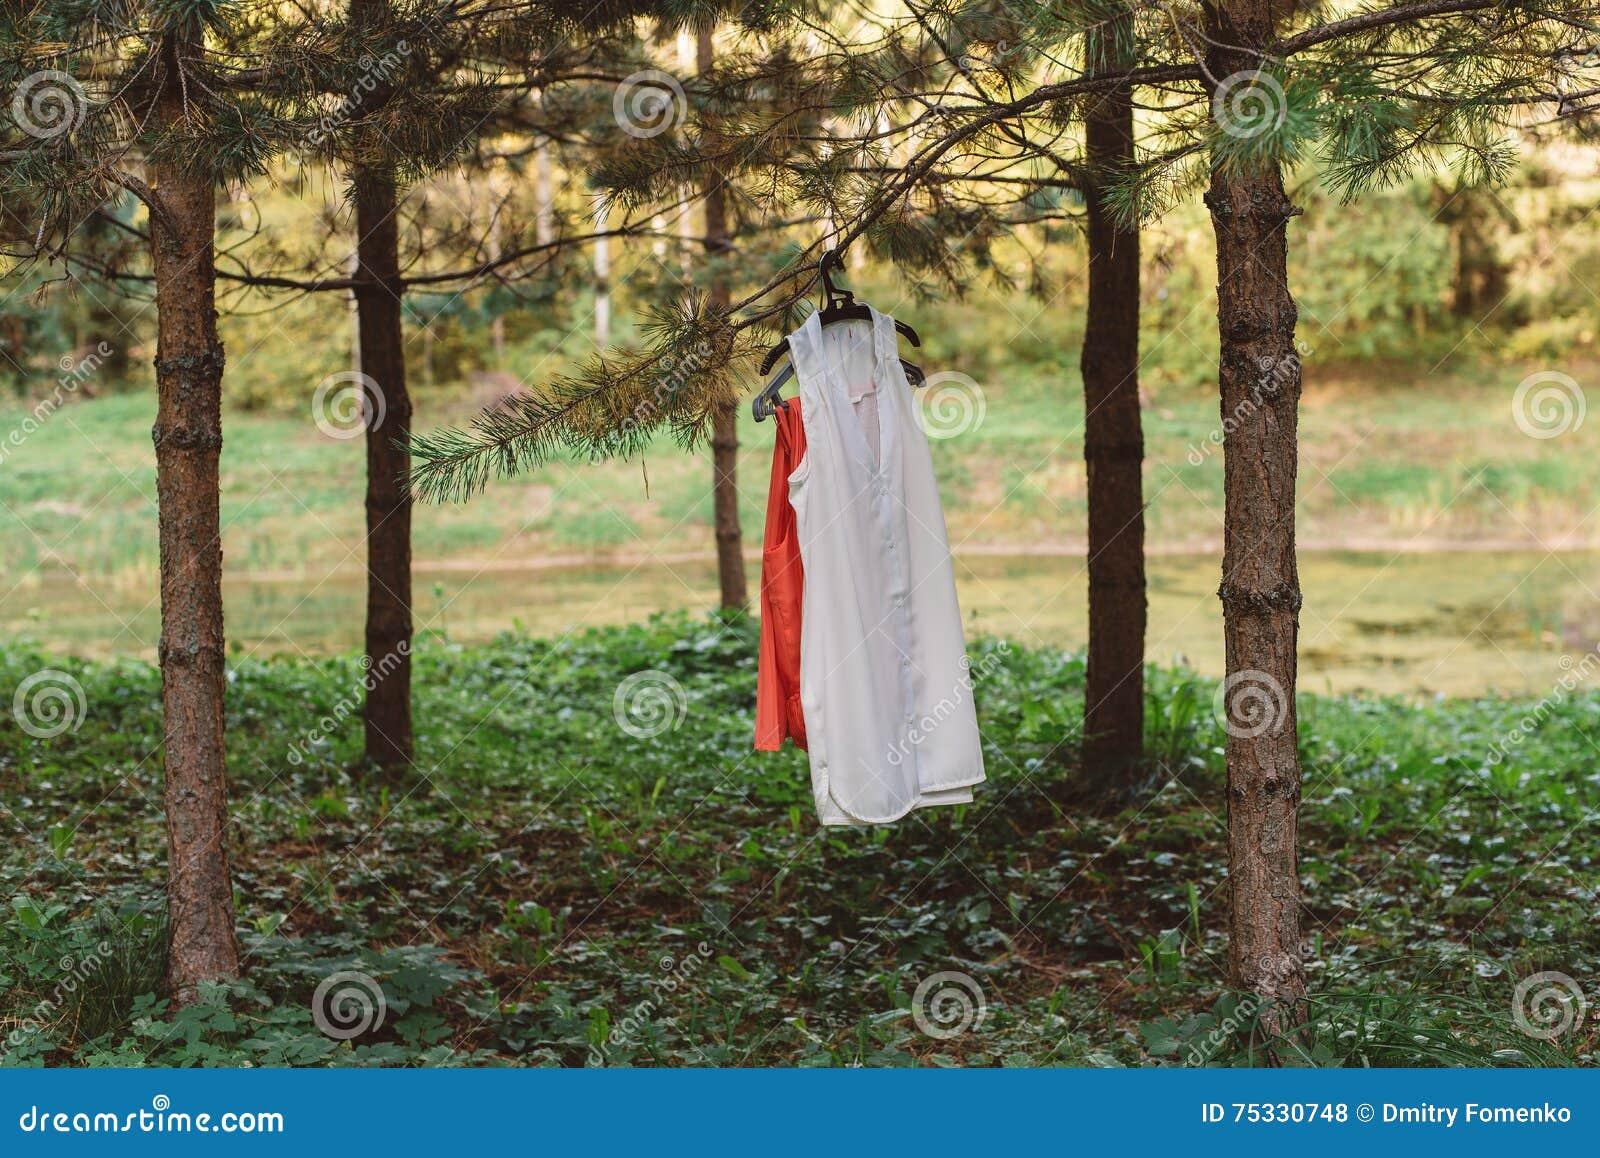 Ιματισμός γυναικών σε μια κρεμάστρα στο δάσος σε ένα δέντρο σε έναν κλάδο